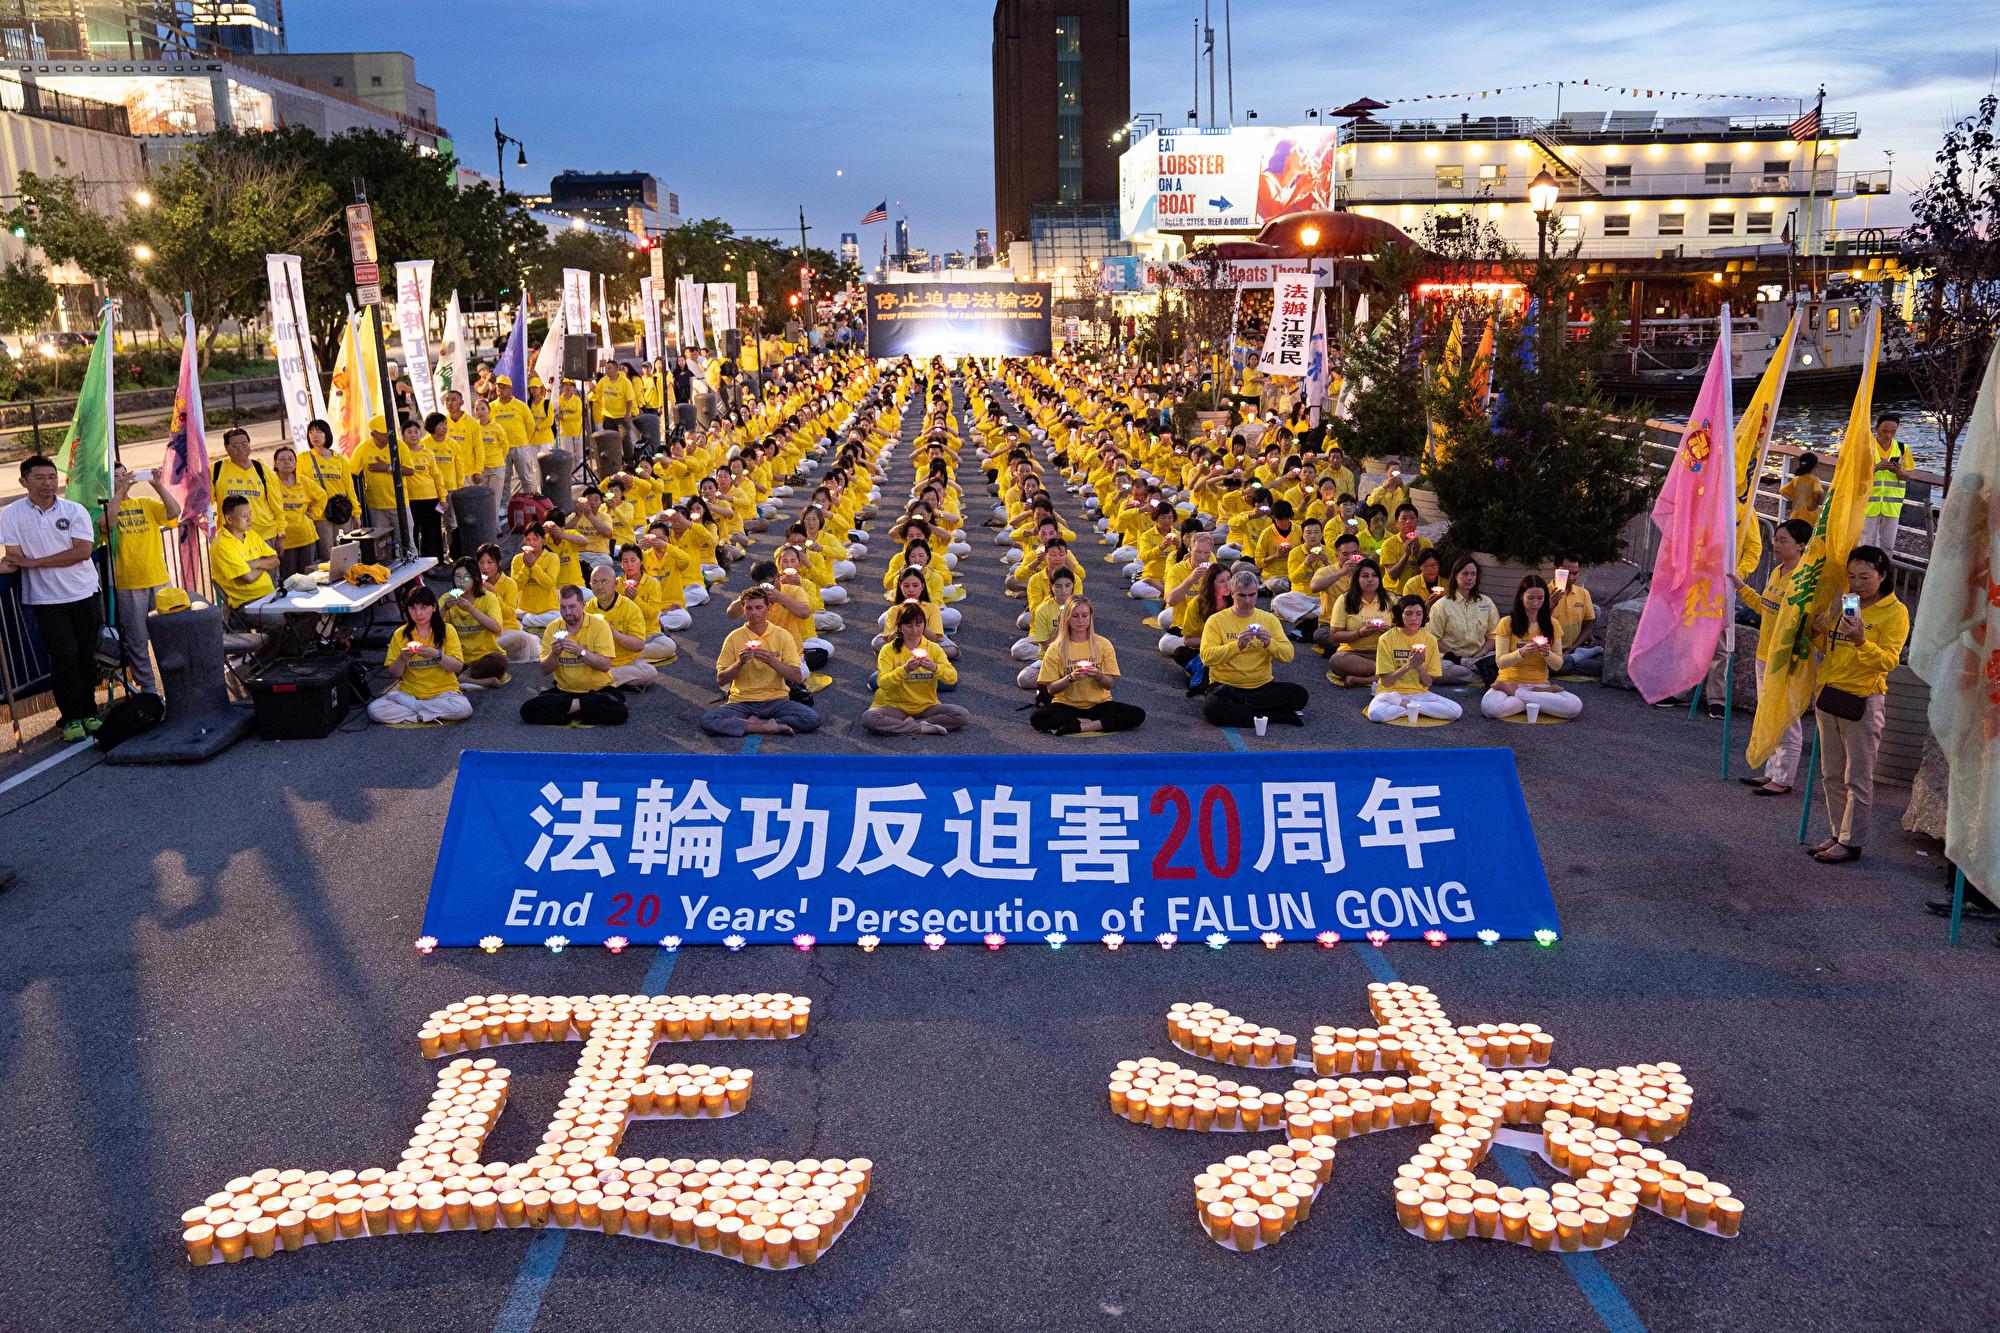 法輪功反迫害20週年 紐約集會燭光夜悼